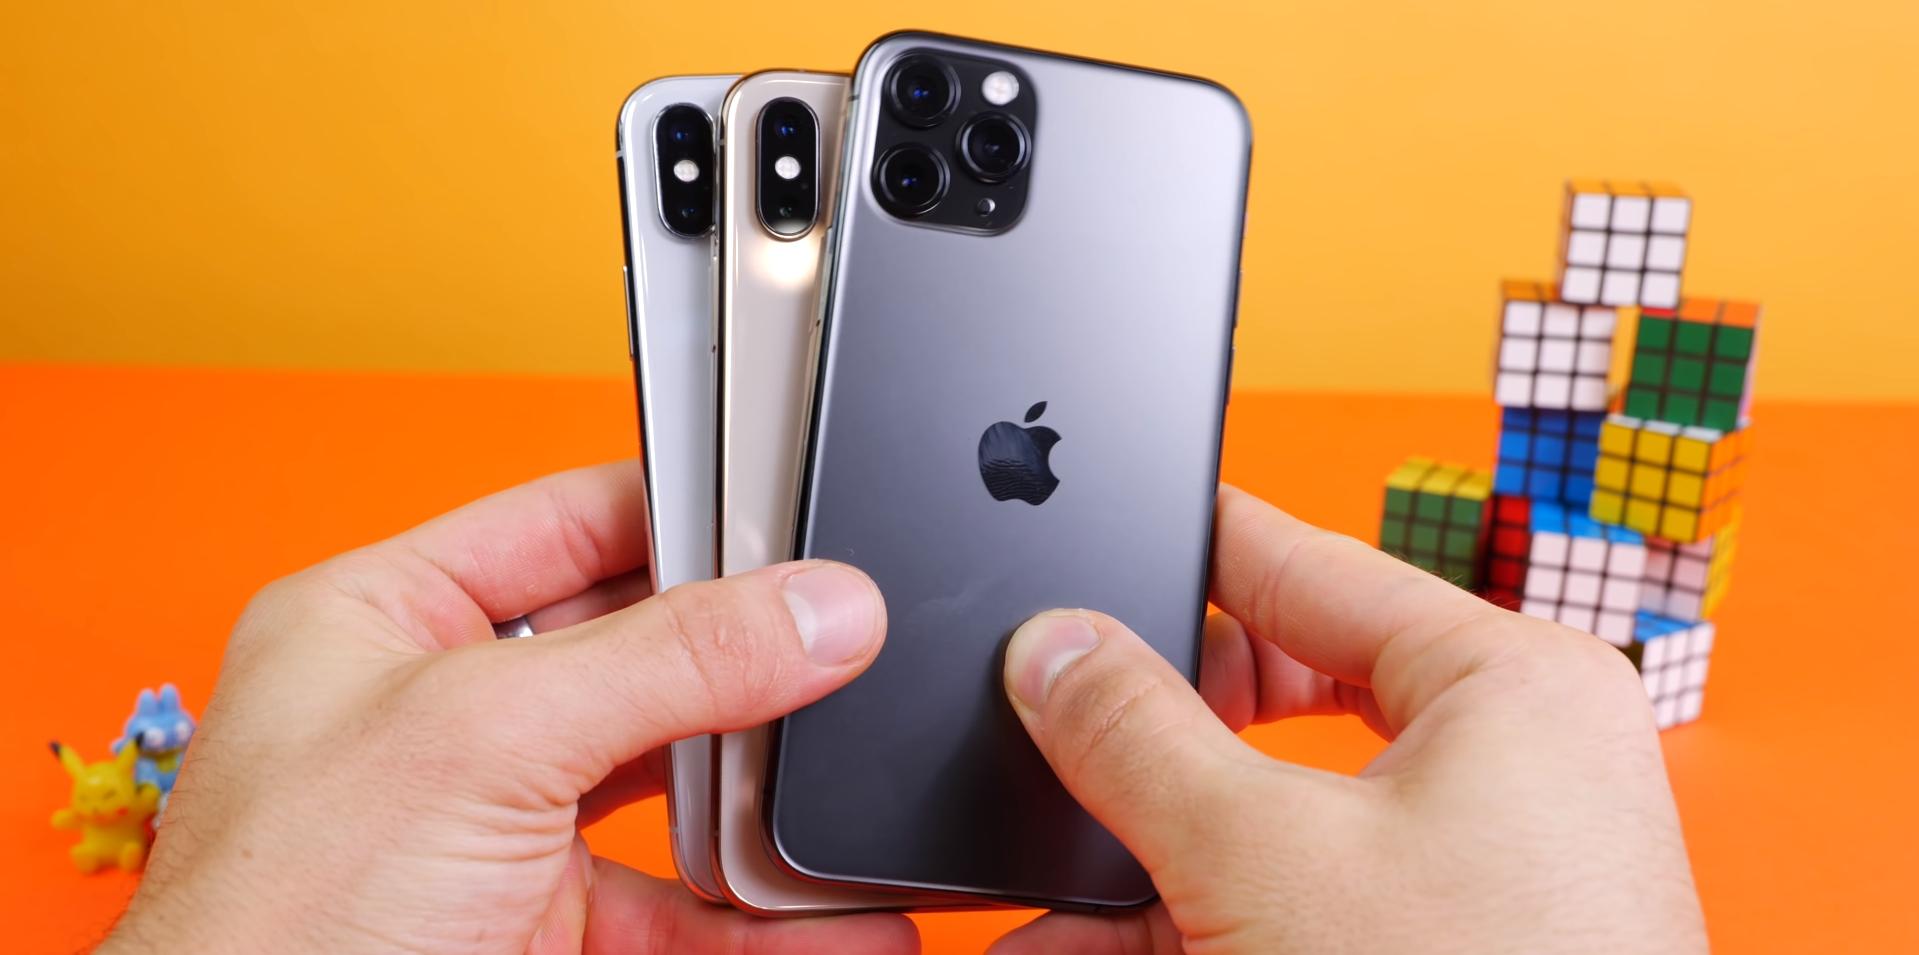 Тест скорости iPhone 11 Pro показывает, что телефон работает медленнее, чем iPhone XS